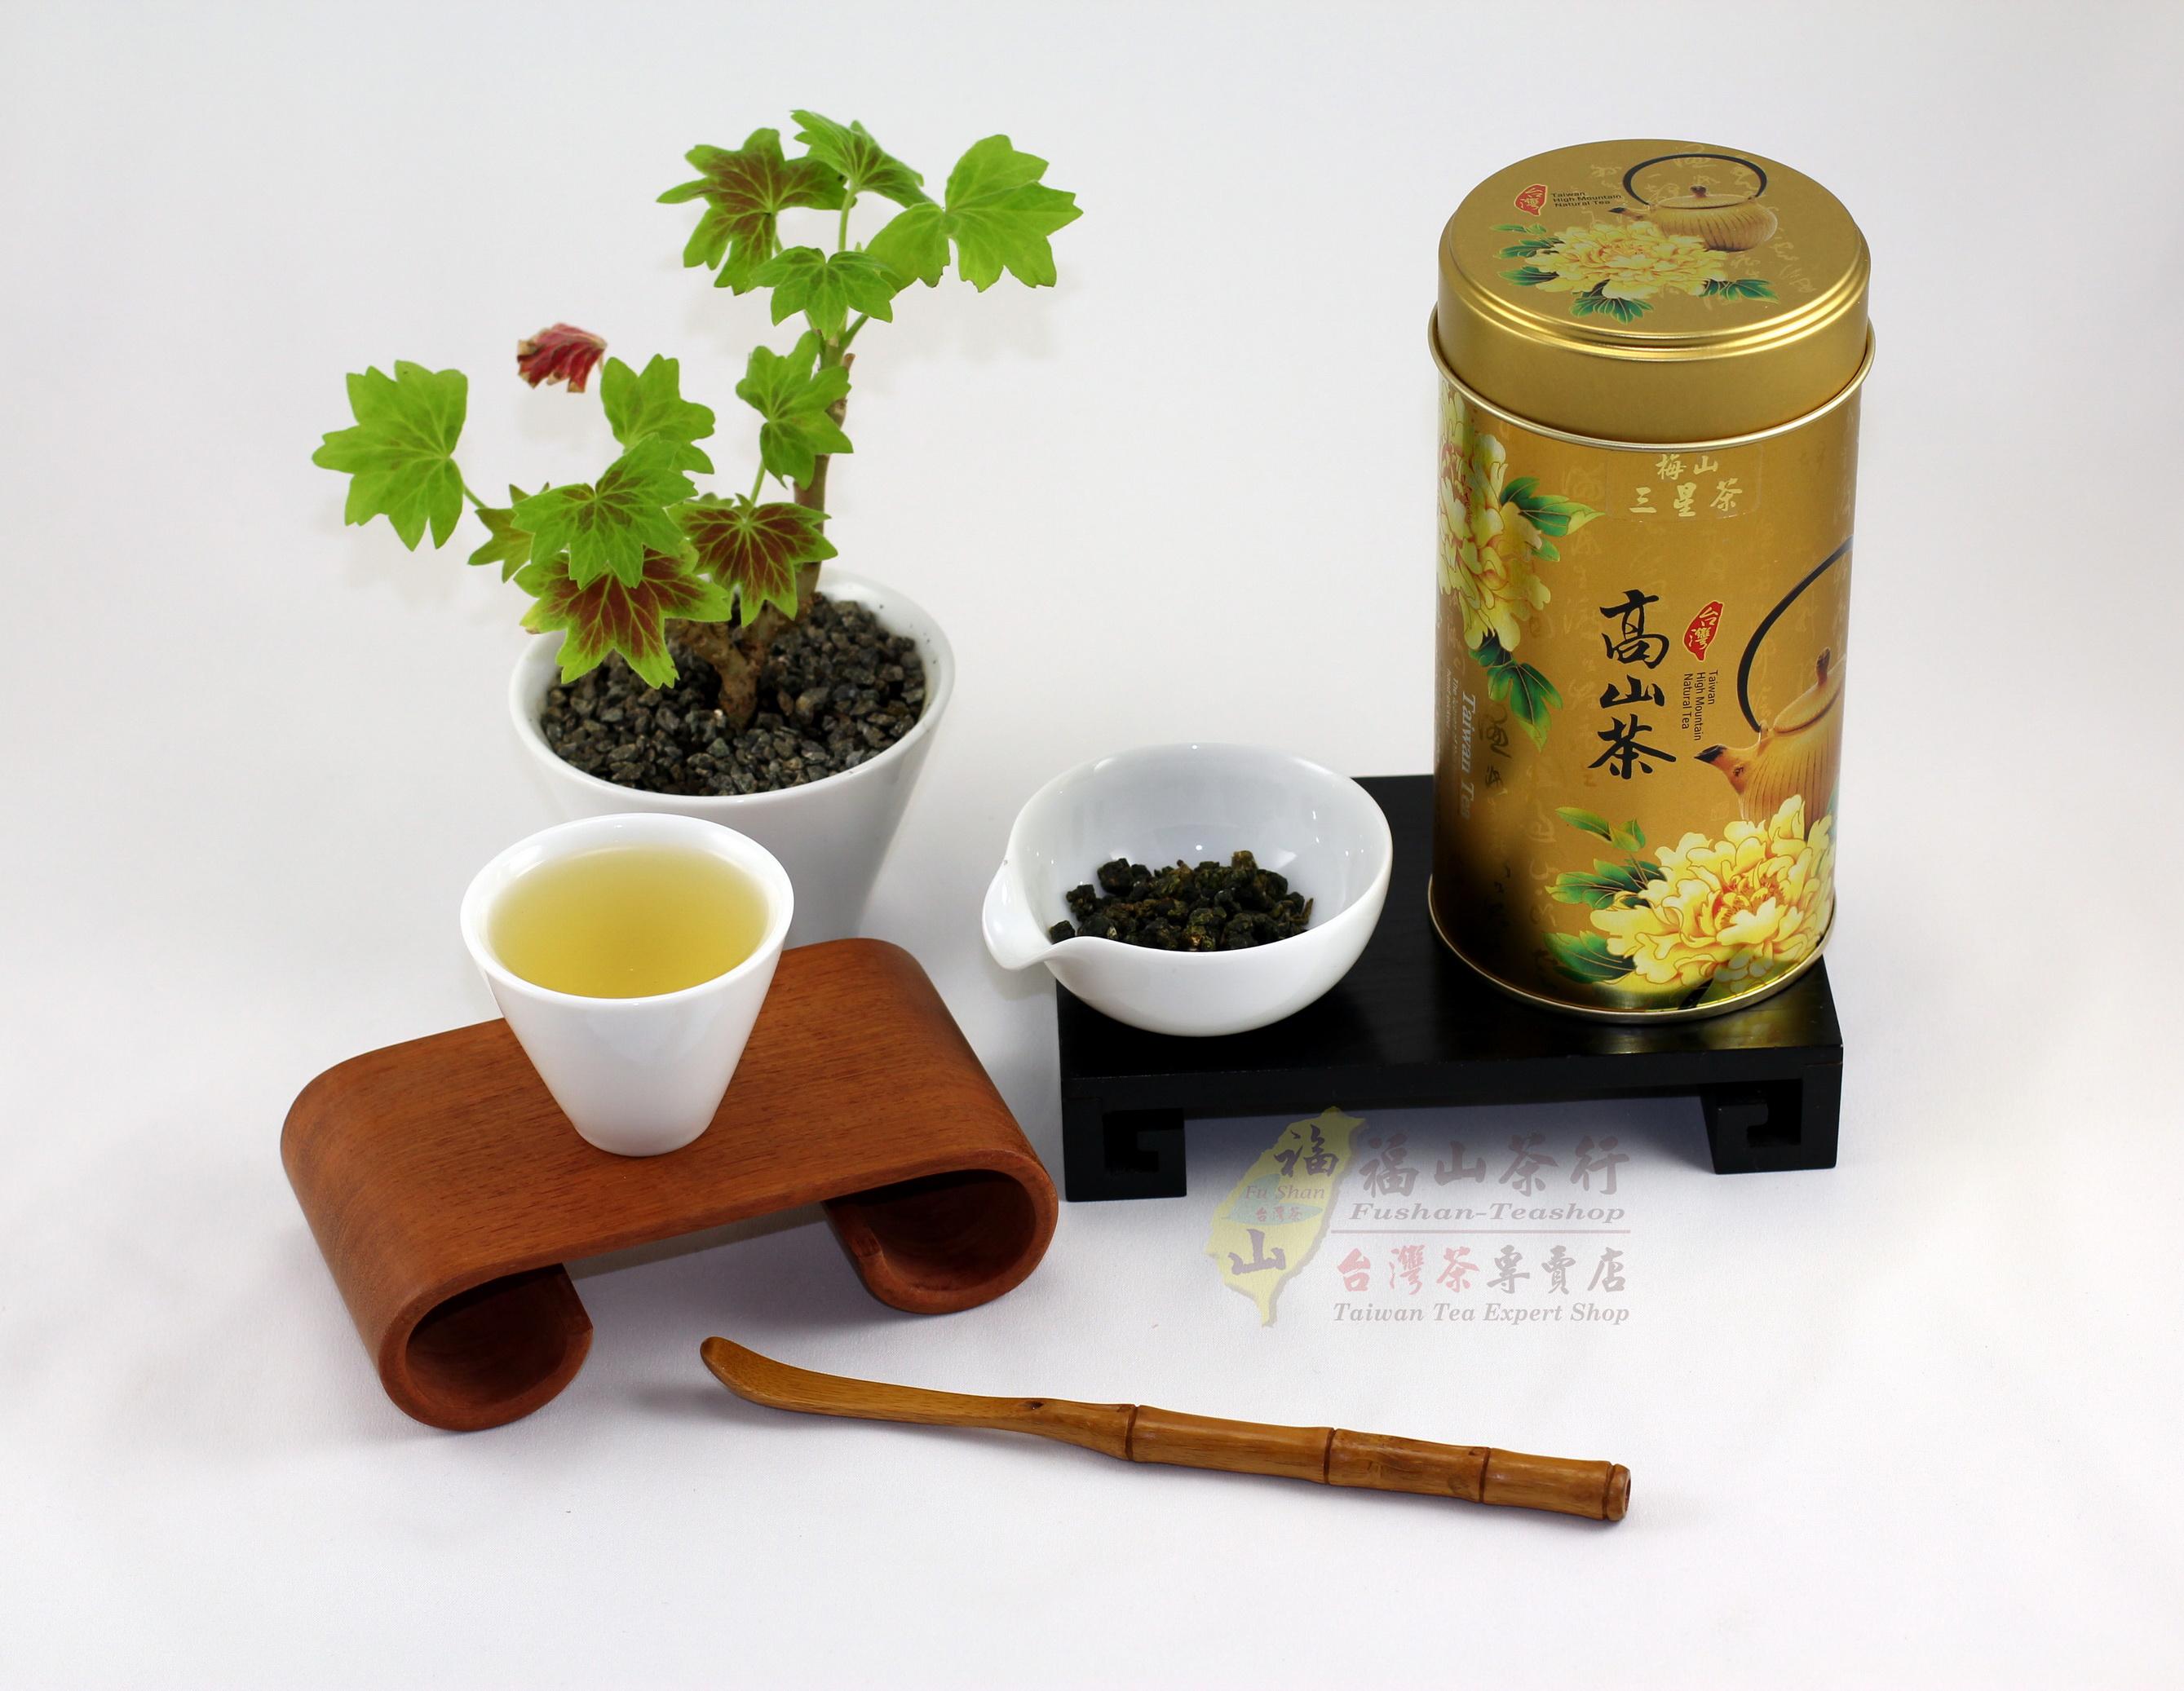 梅山三星茶【清香型】